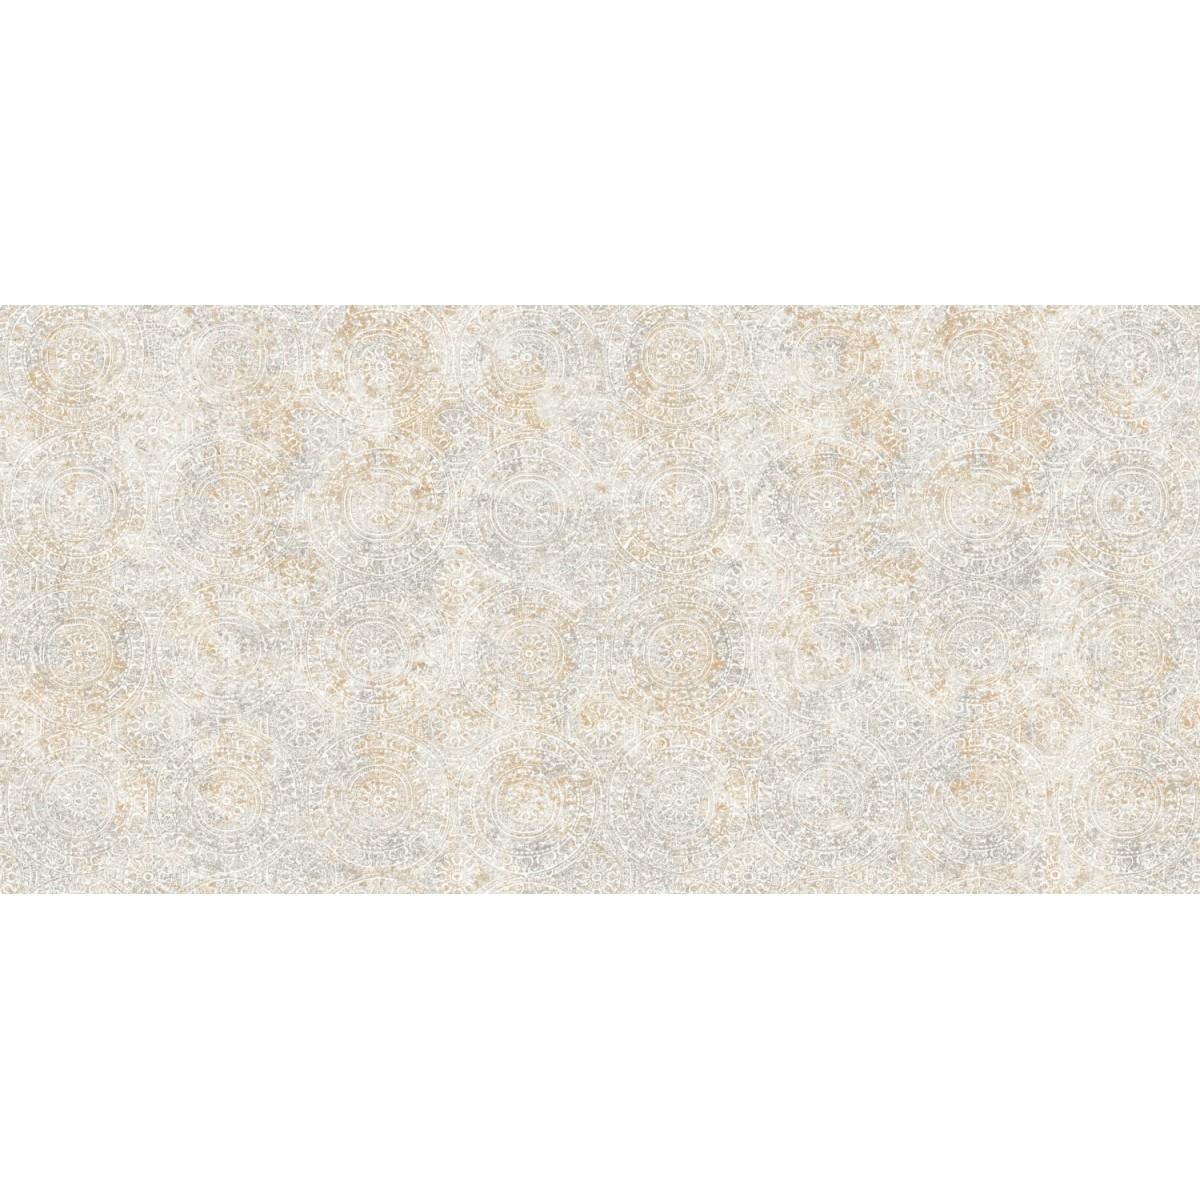 Обои виниловые Shinhan Wallcoverings серые 1.06 м 88333-3